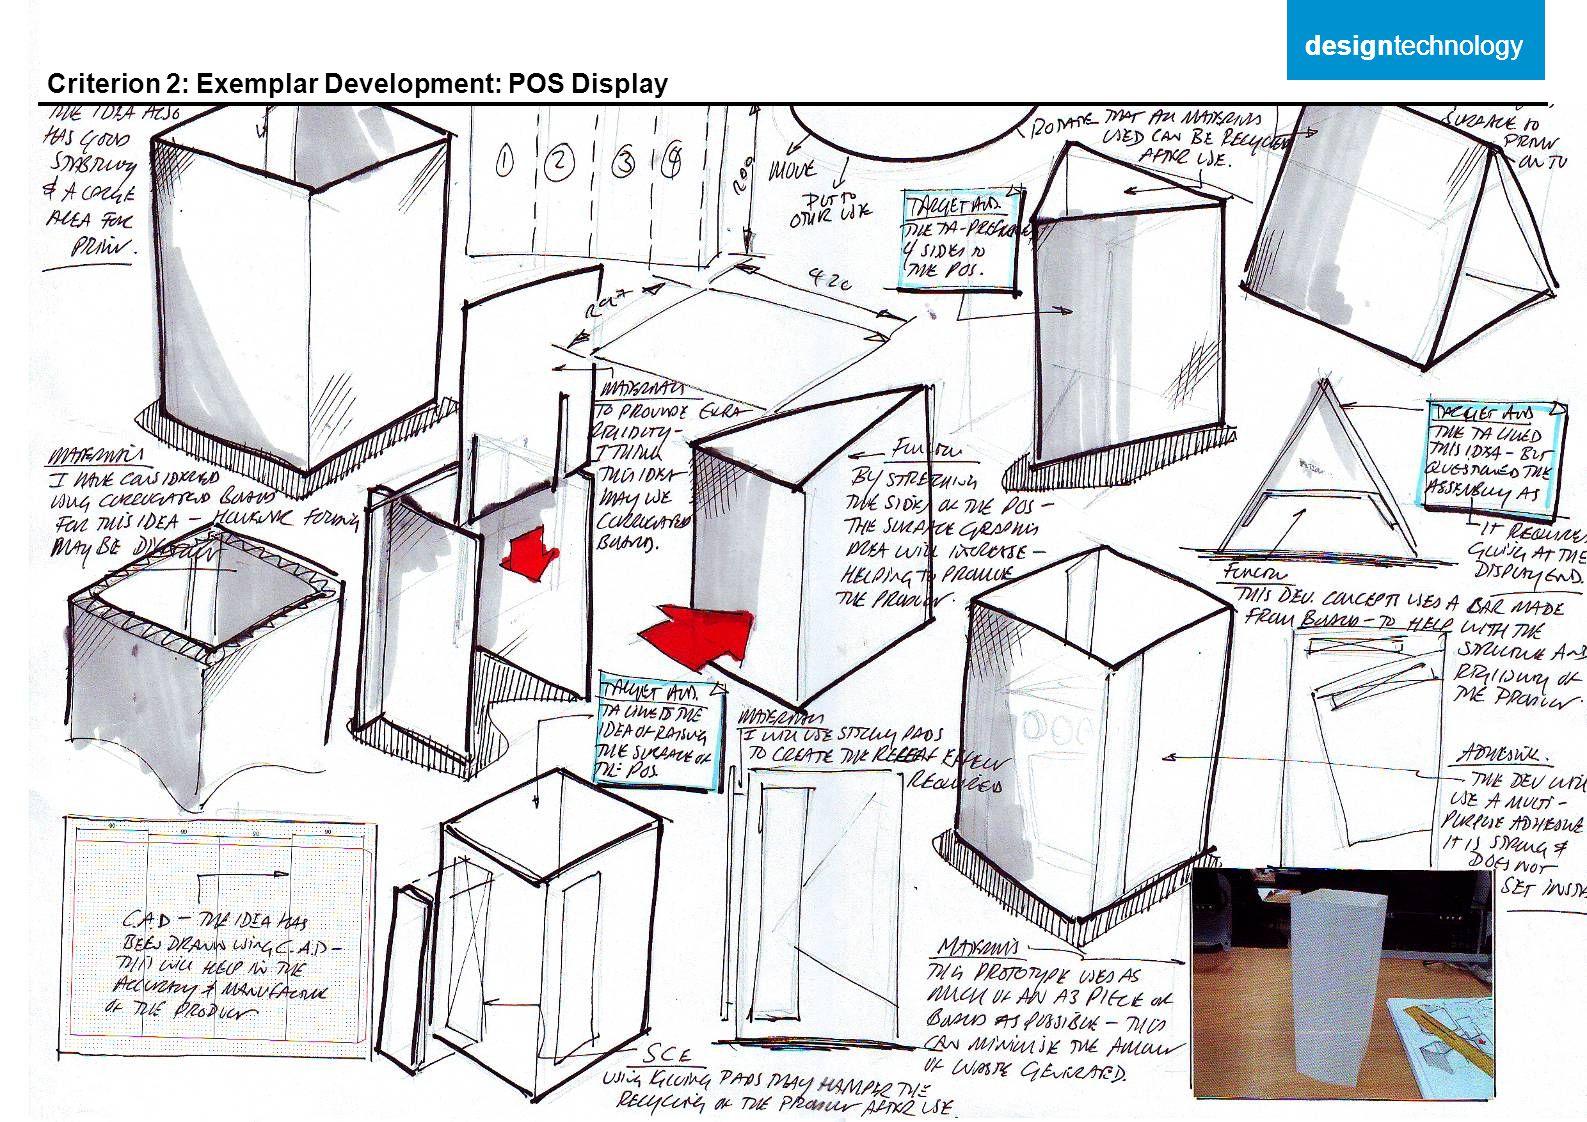 designtechnology designtechnology Criterion 2: Exemplar Development: POS Display